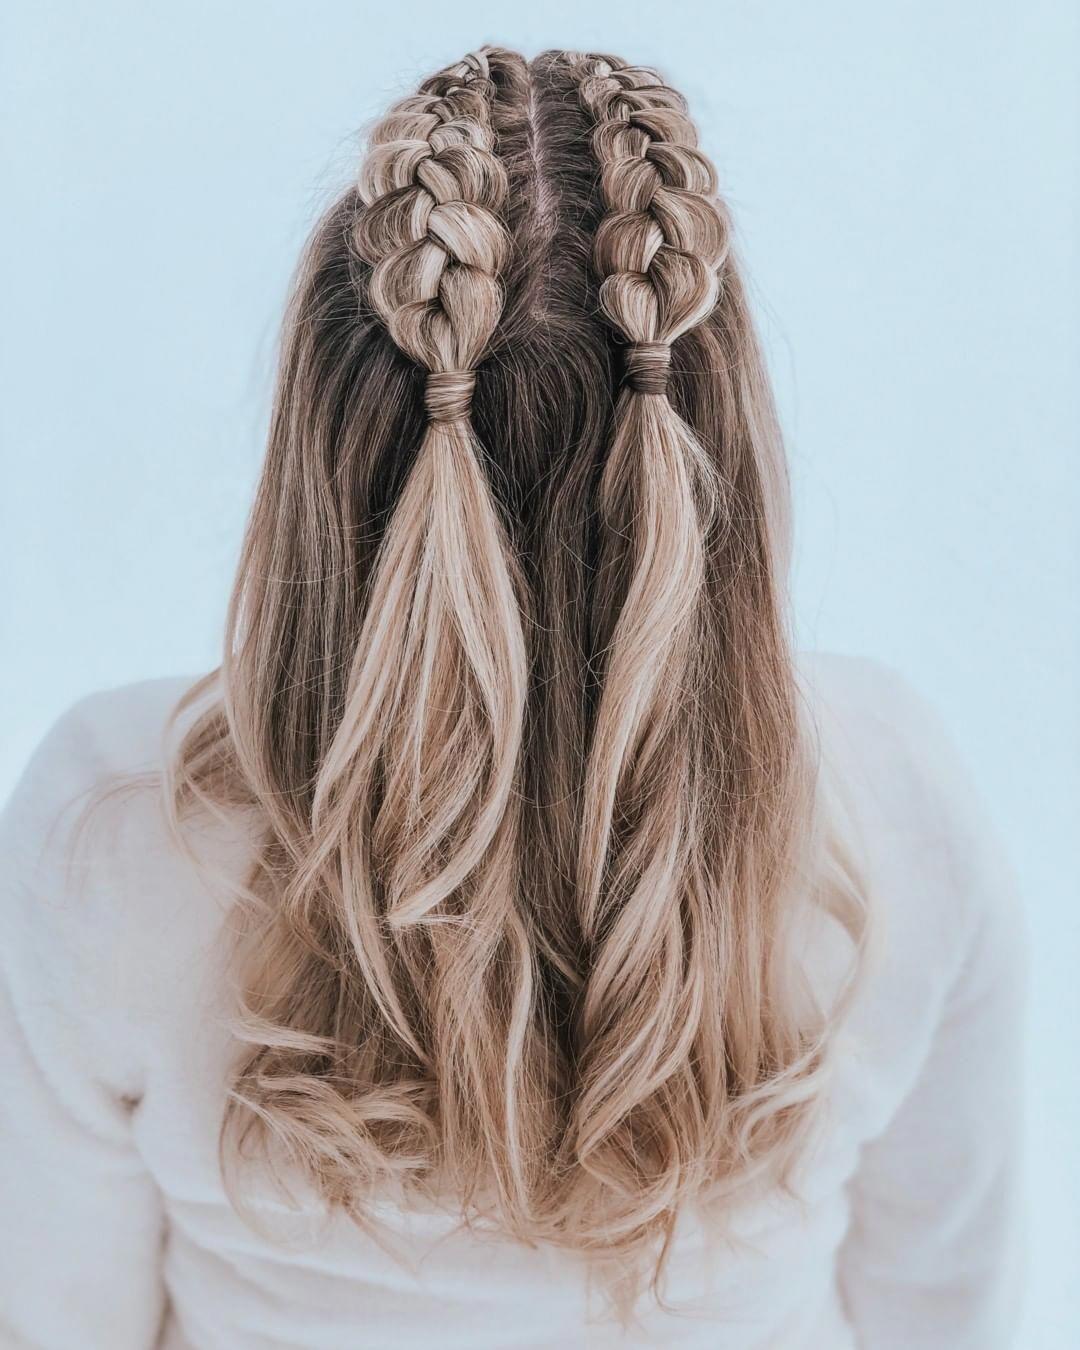 Pin En El Cabello In 2020 Medium Length Hair Styles Diy Hairstyles Easy Braided Hairstyles